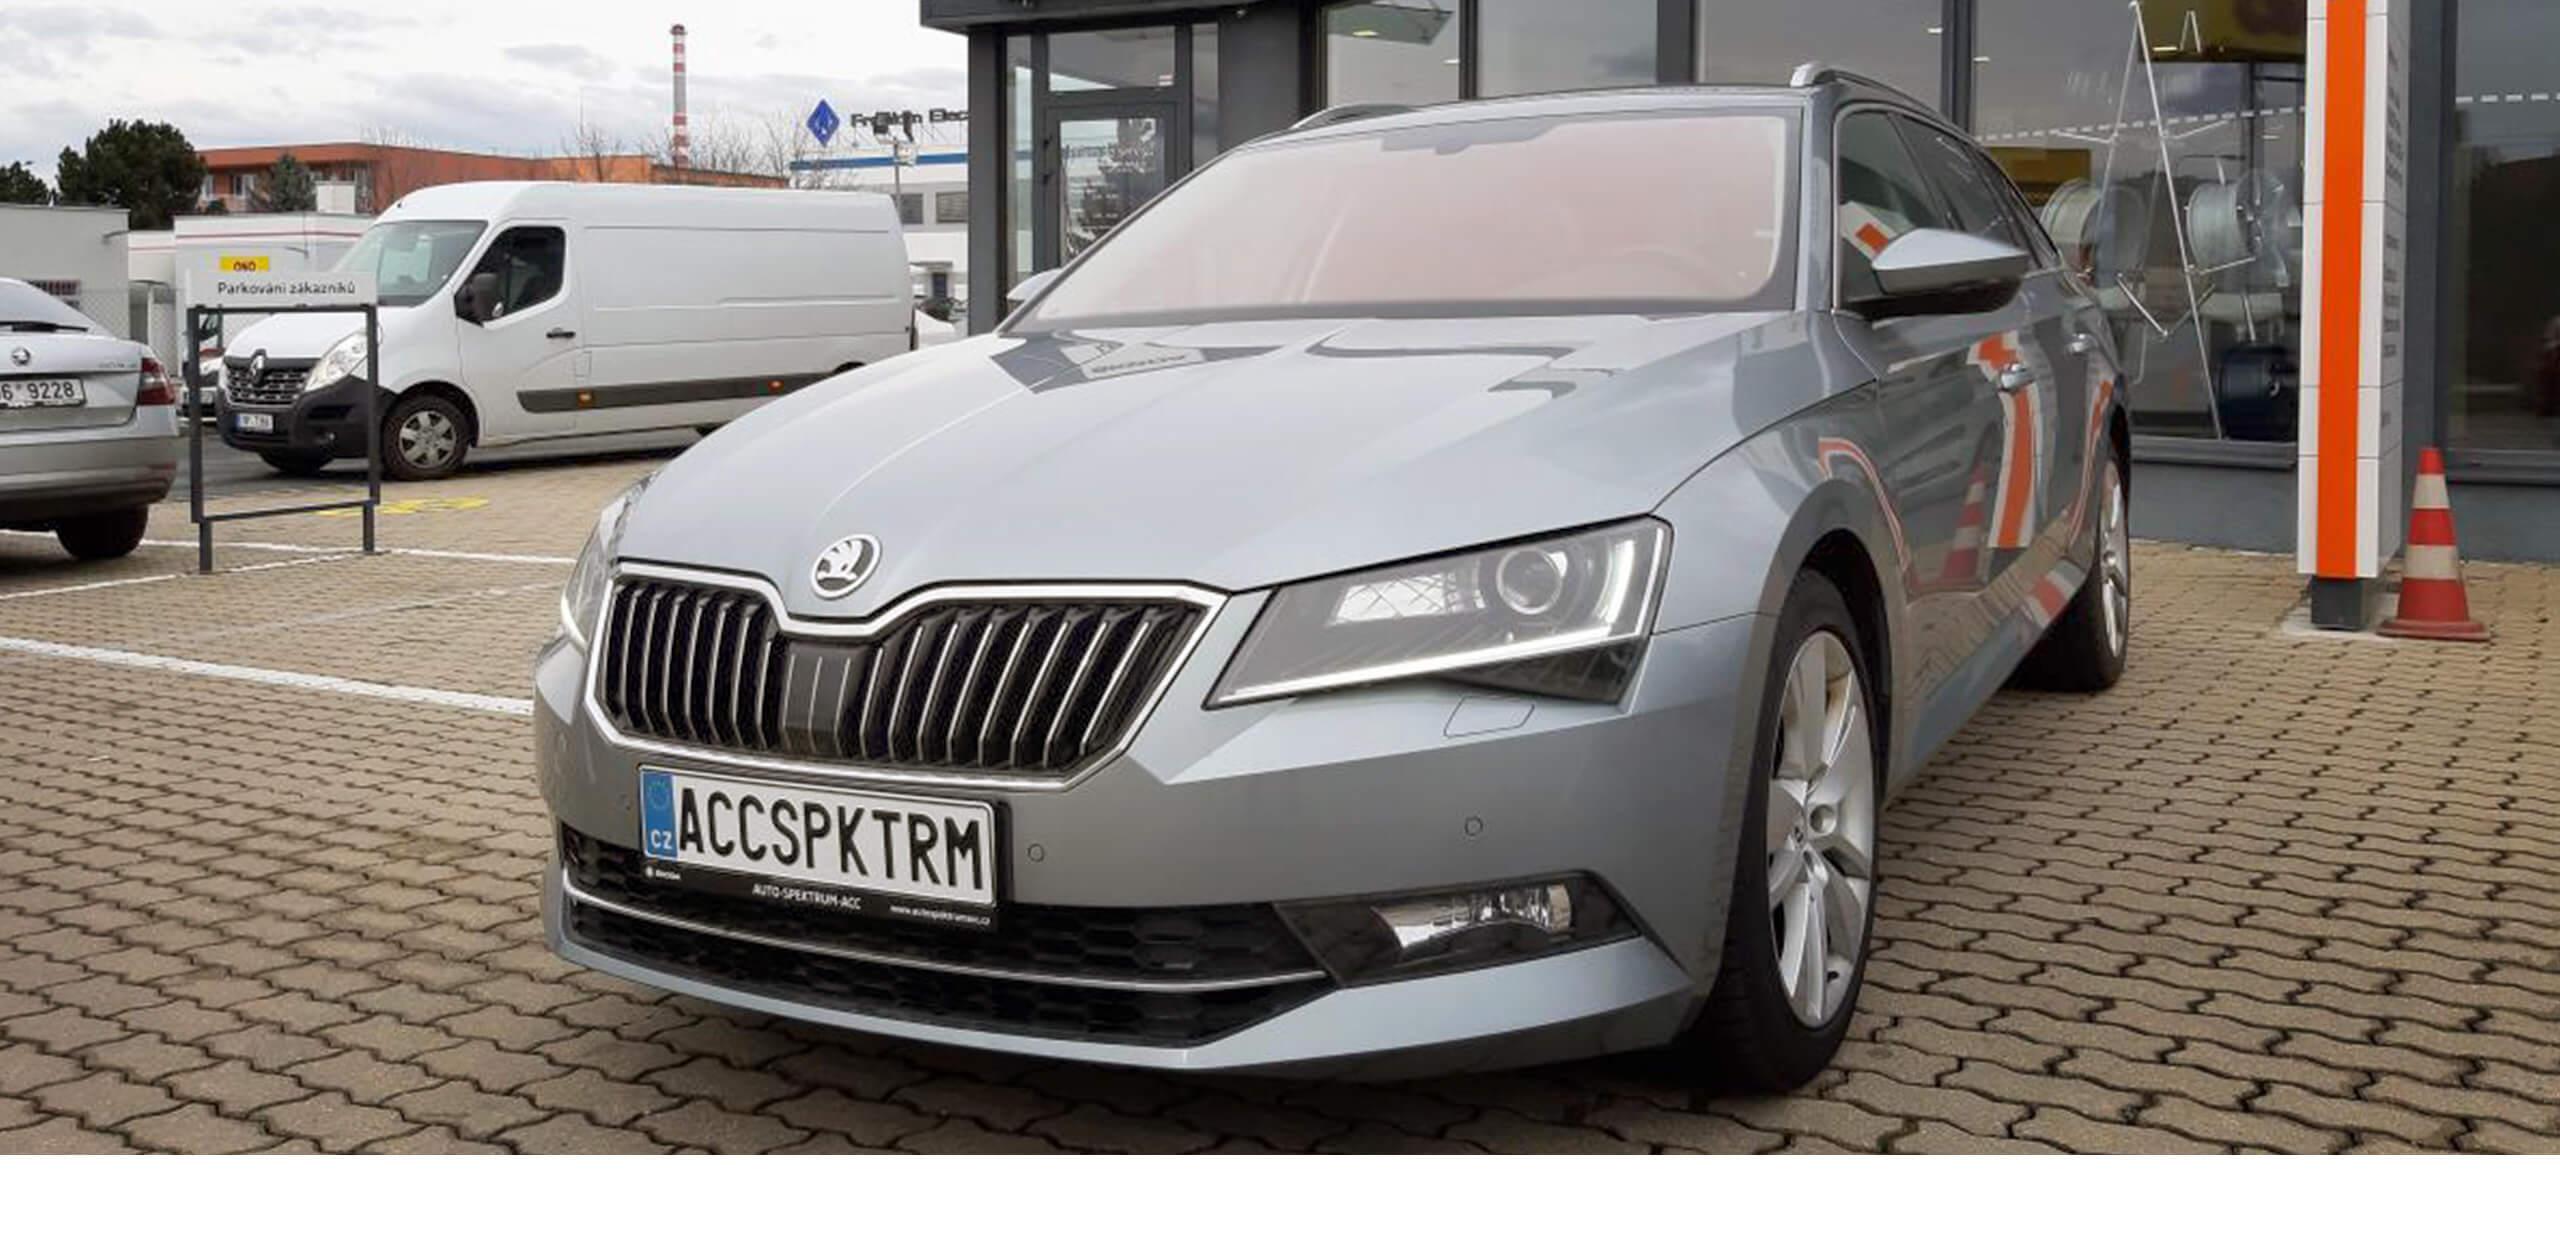 autospektrumacc Škoda Superb Combi 2,0TDI/110kW DSG Style brno slatina